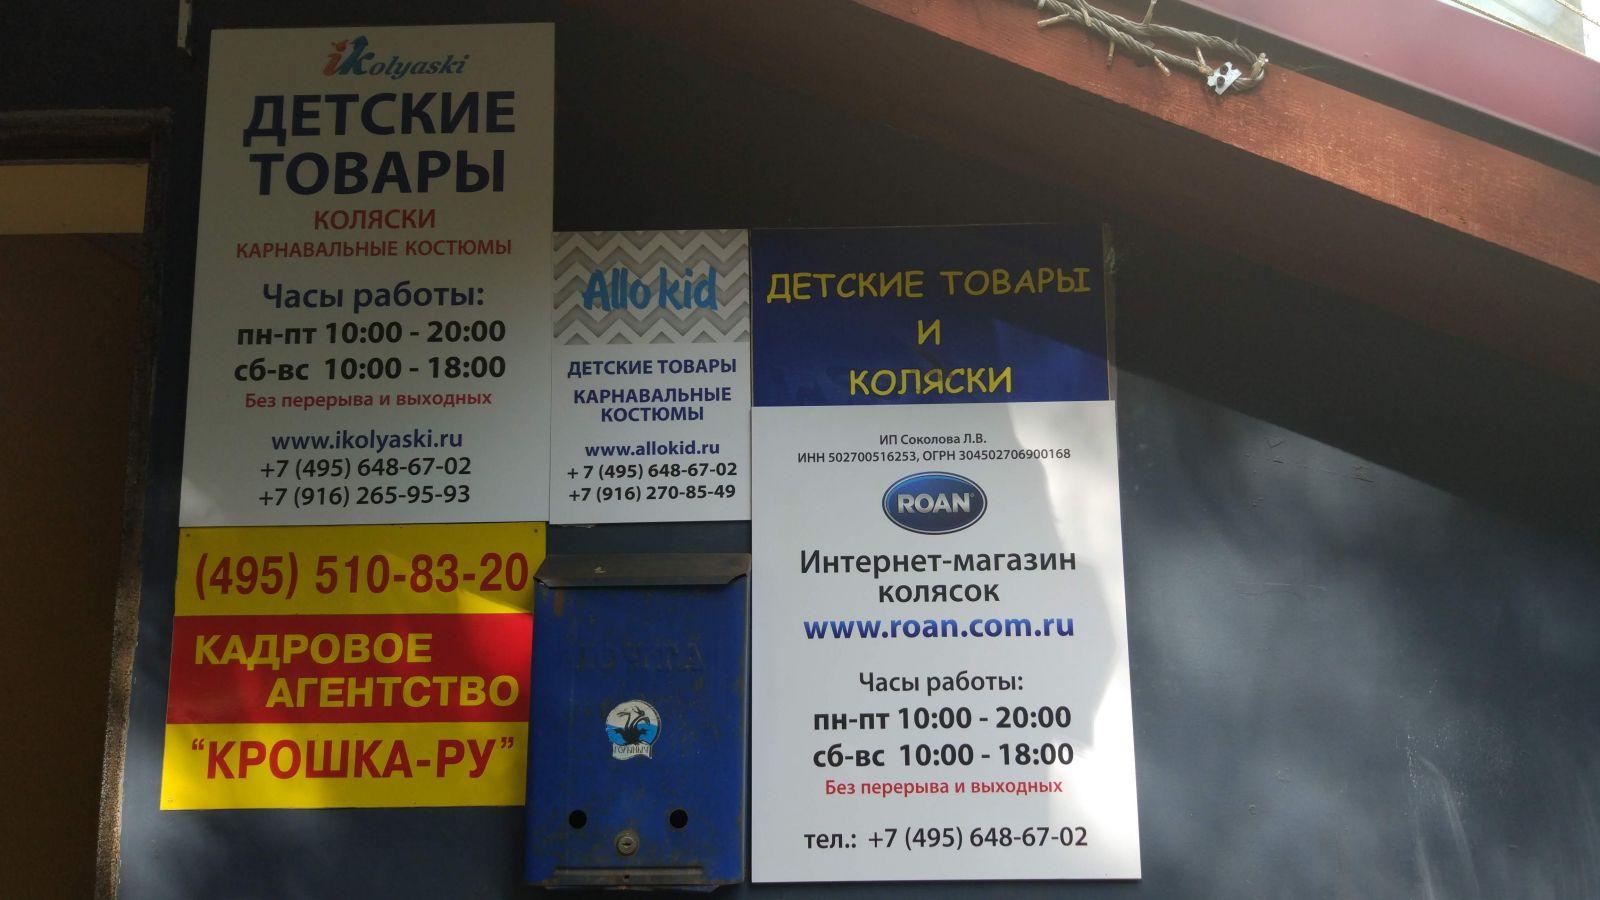 Интернет-магазин Иколяски www.ikolyaski.ru - магазин детских товаров, магазин детской мебели, магазин карнавальных и маскарадных костюмов, магазин детских чемоданов, магазин товаров для новорожденных